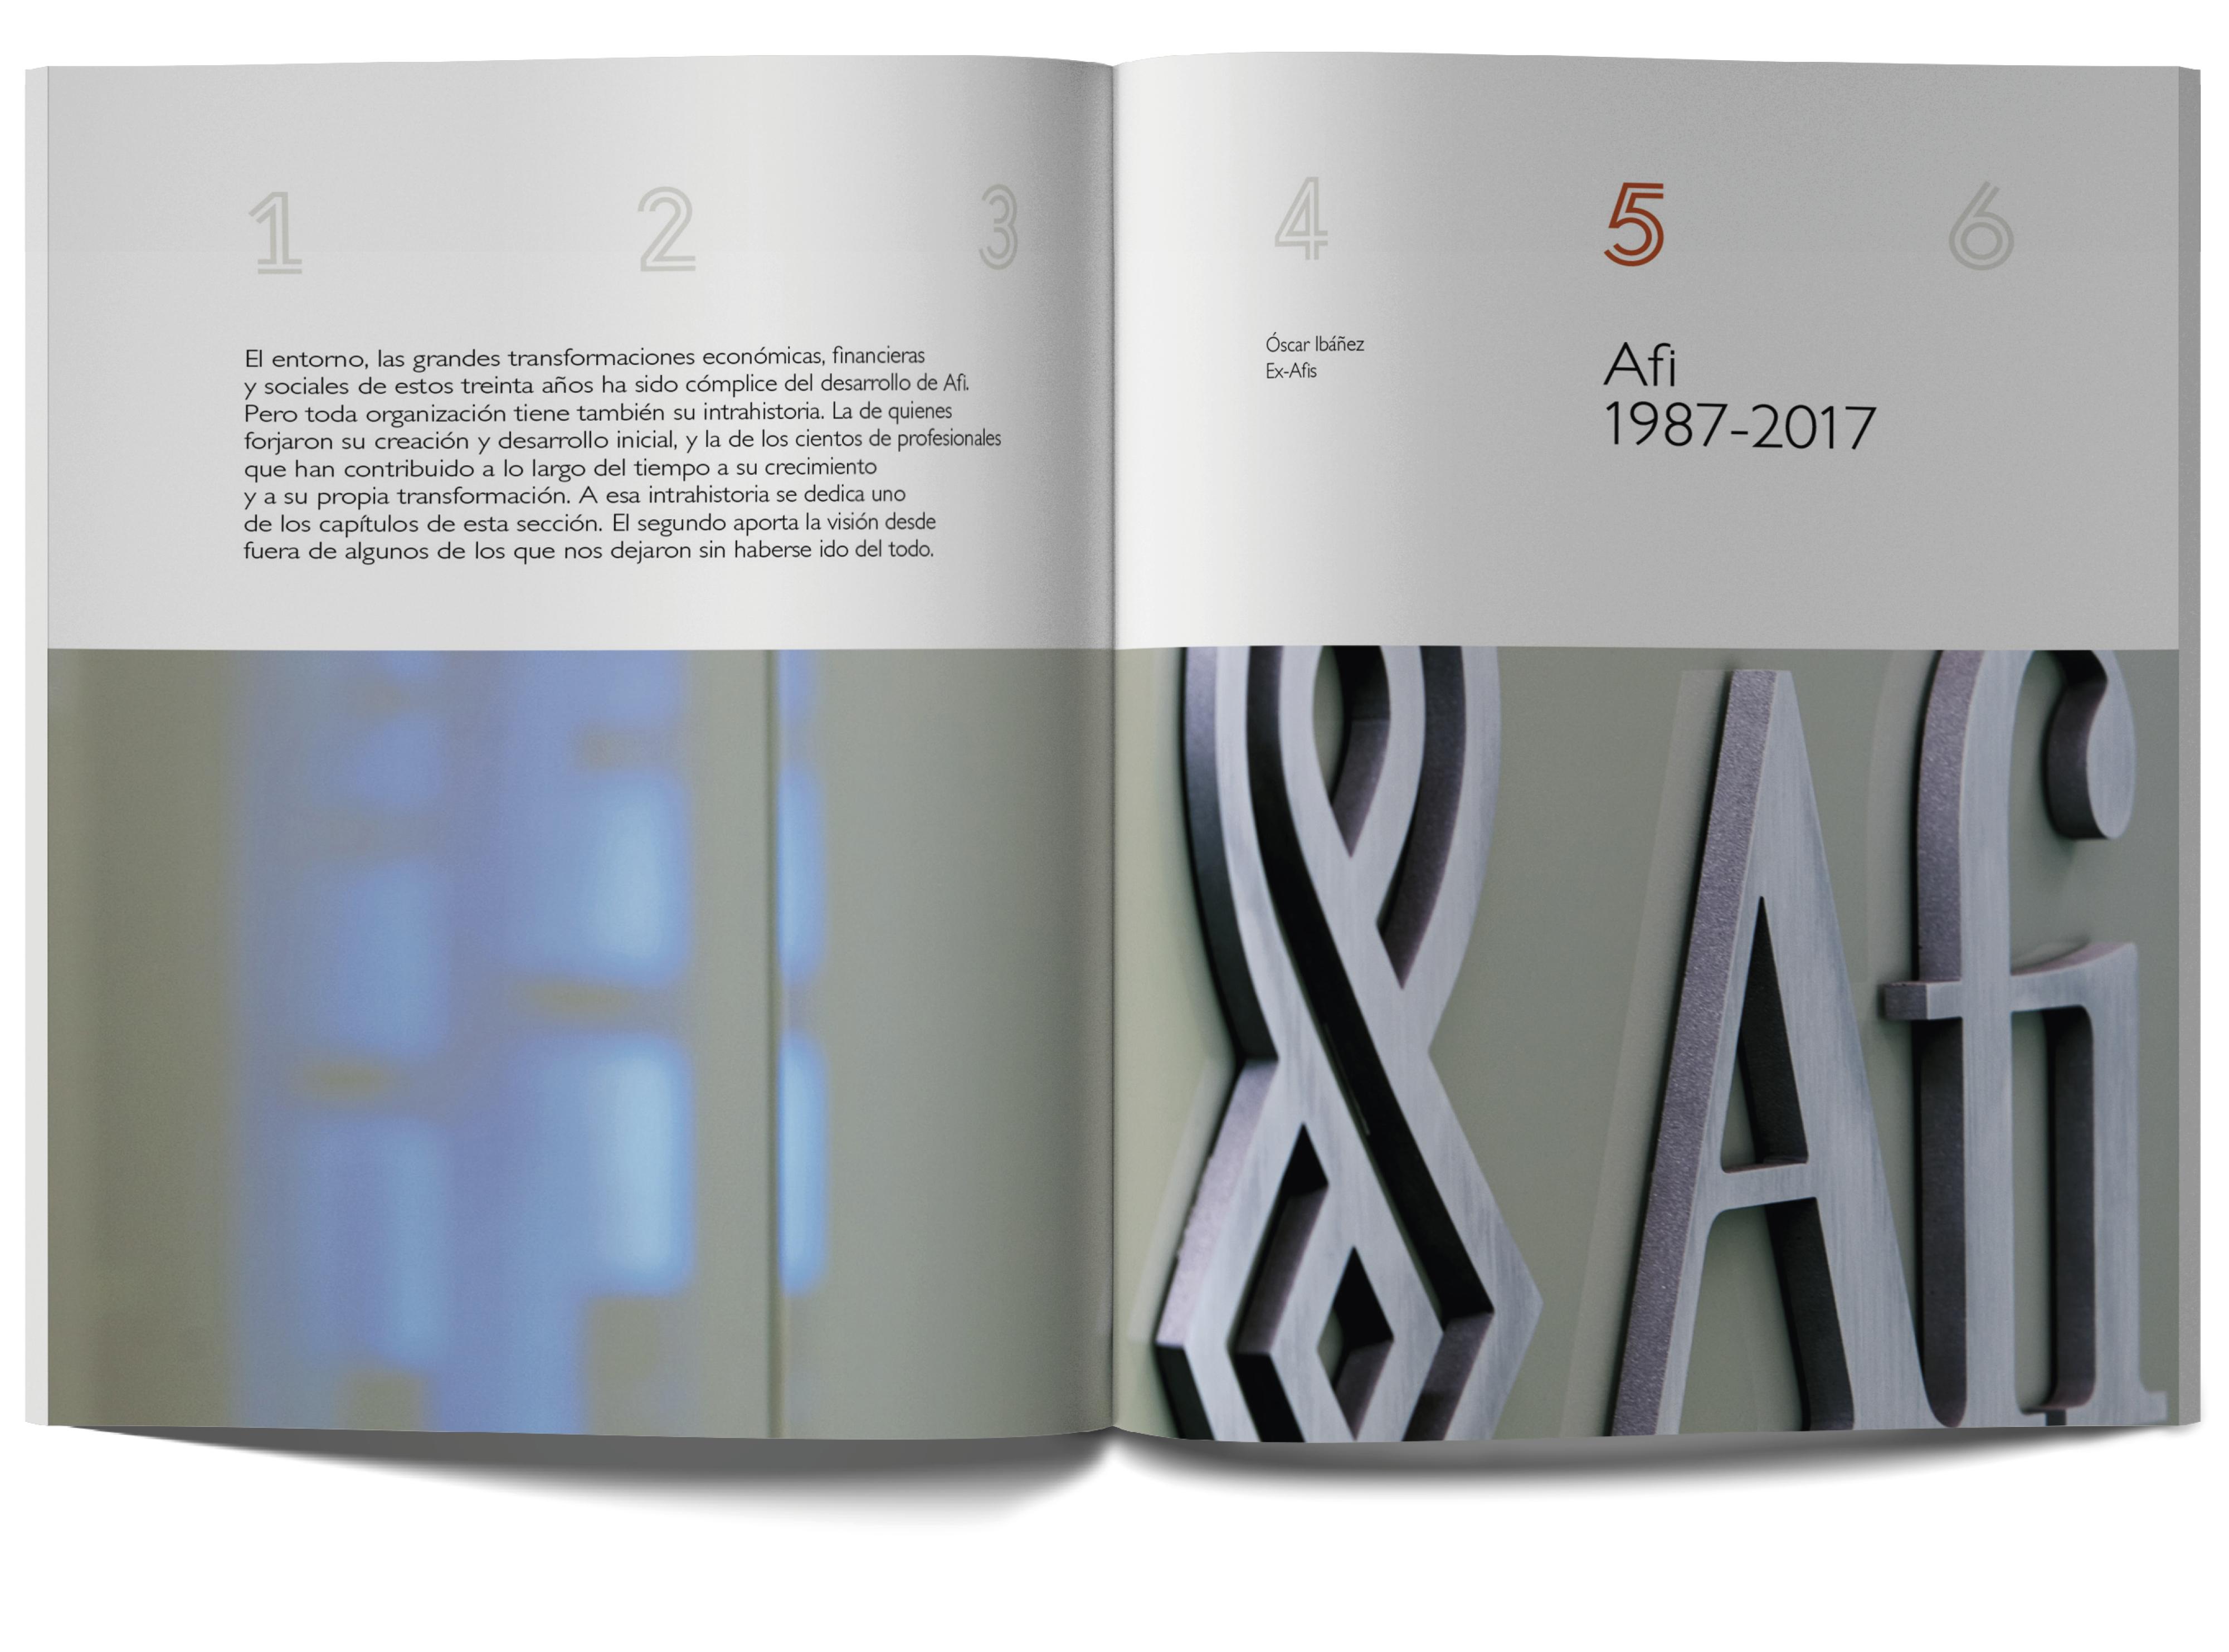 afiI-30años-catalogo-interior-5